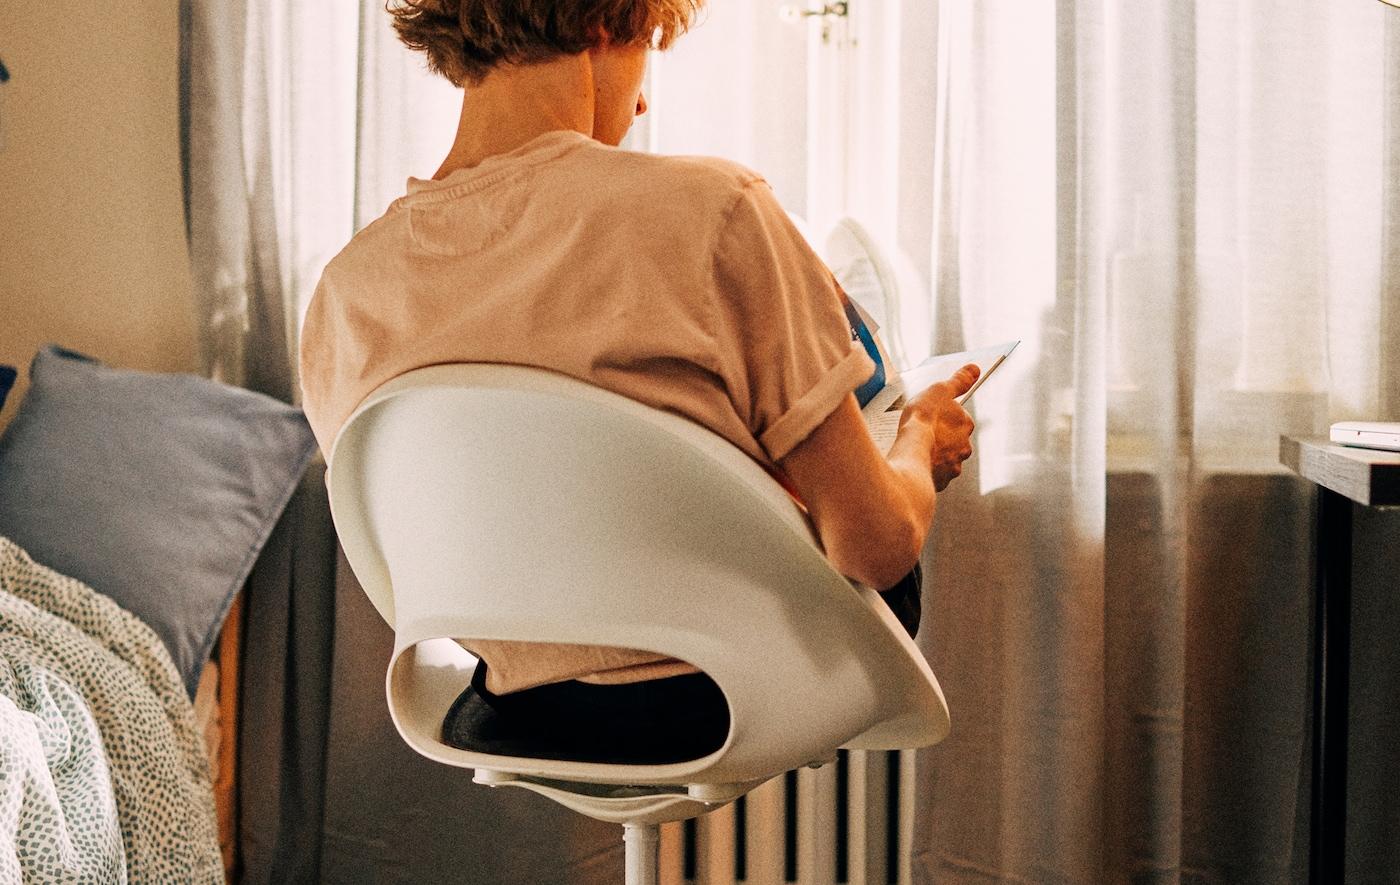 En student sitter i en arbeidsstol med ansiktet mot vinduet og bena på en radiator mens han studerer.